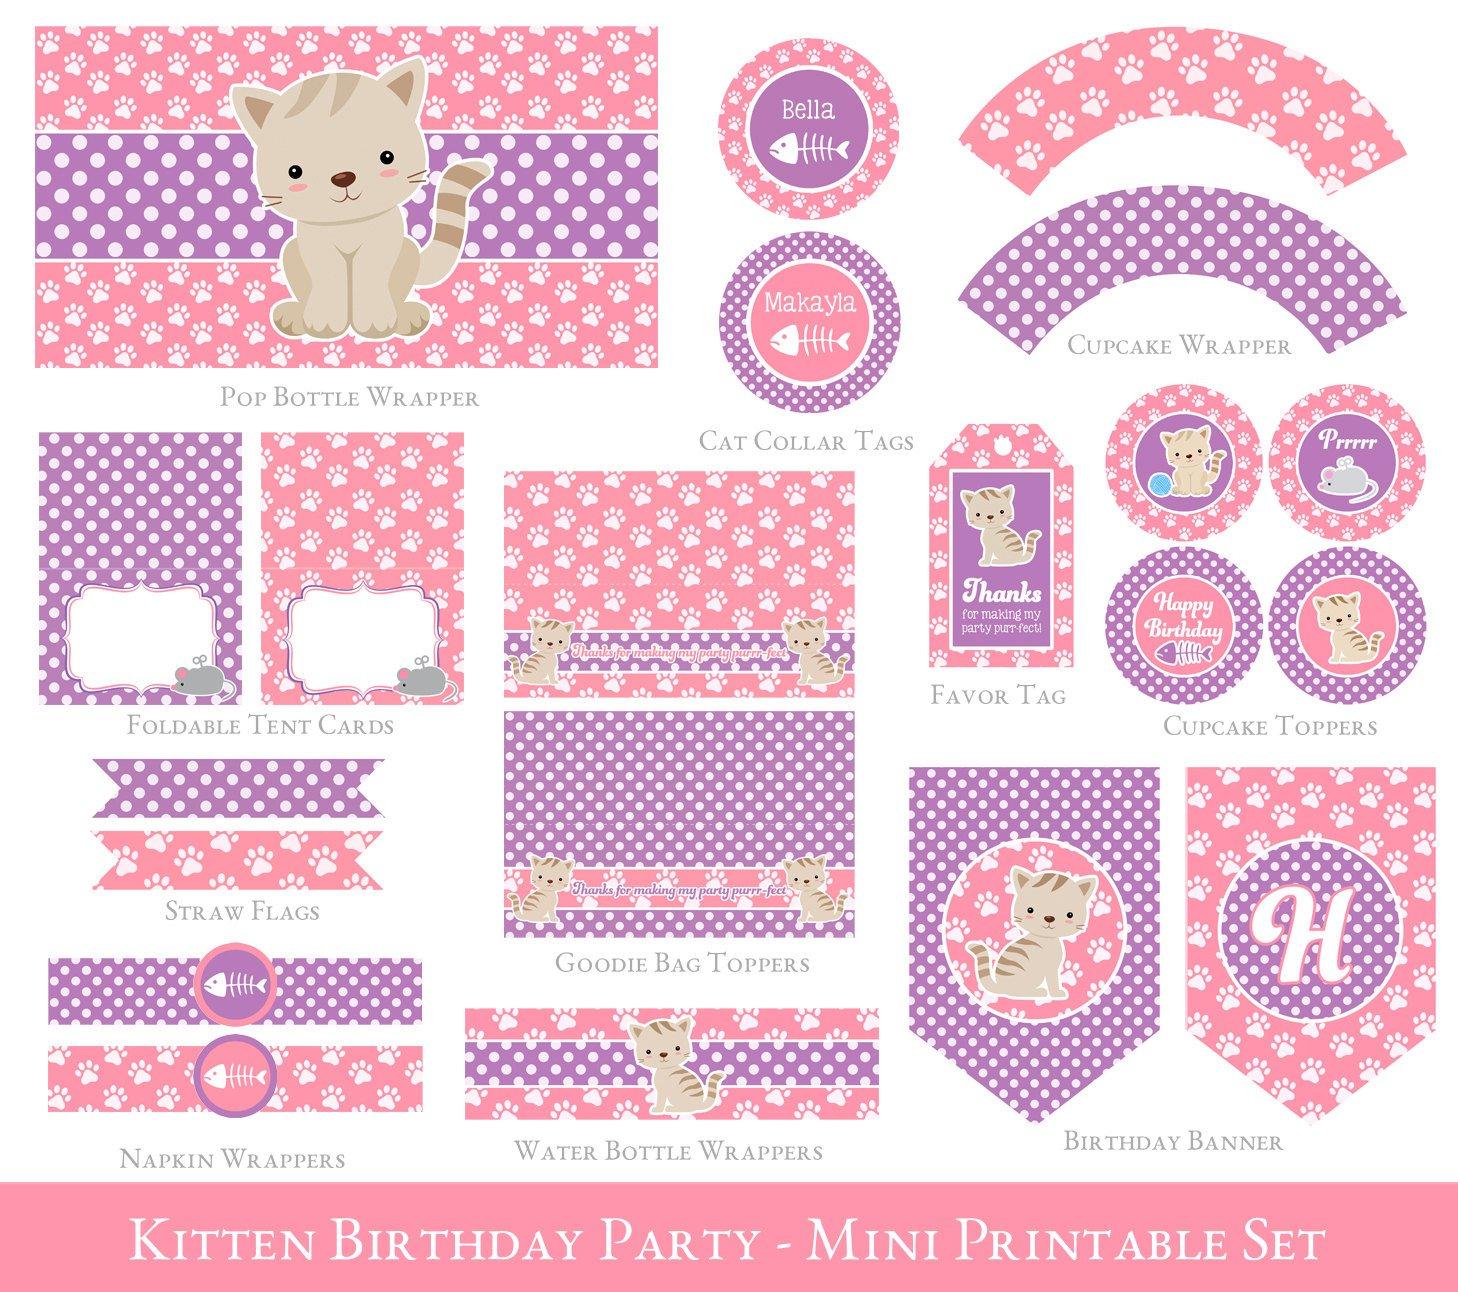 Girl Birthday Pink Kitten Party Set By Sugarpickle Designs On Zibbet